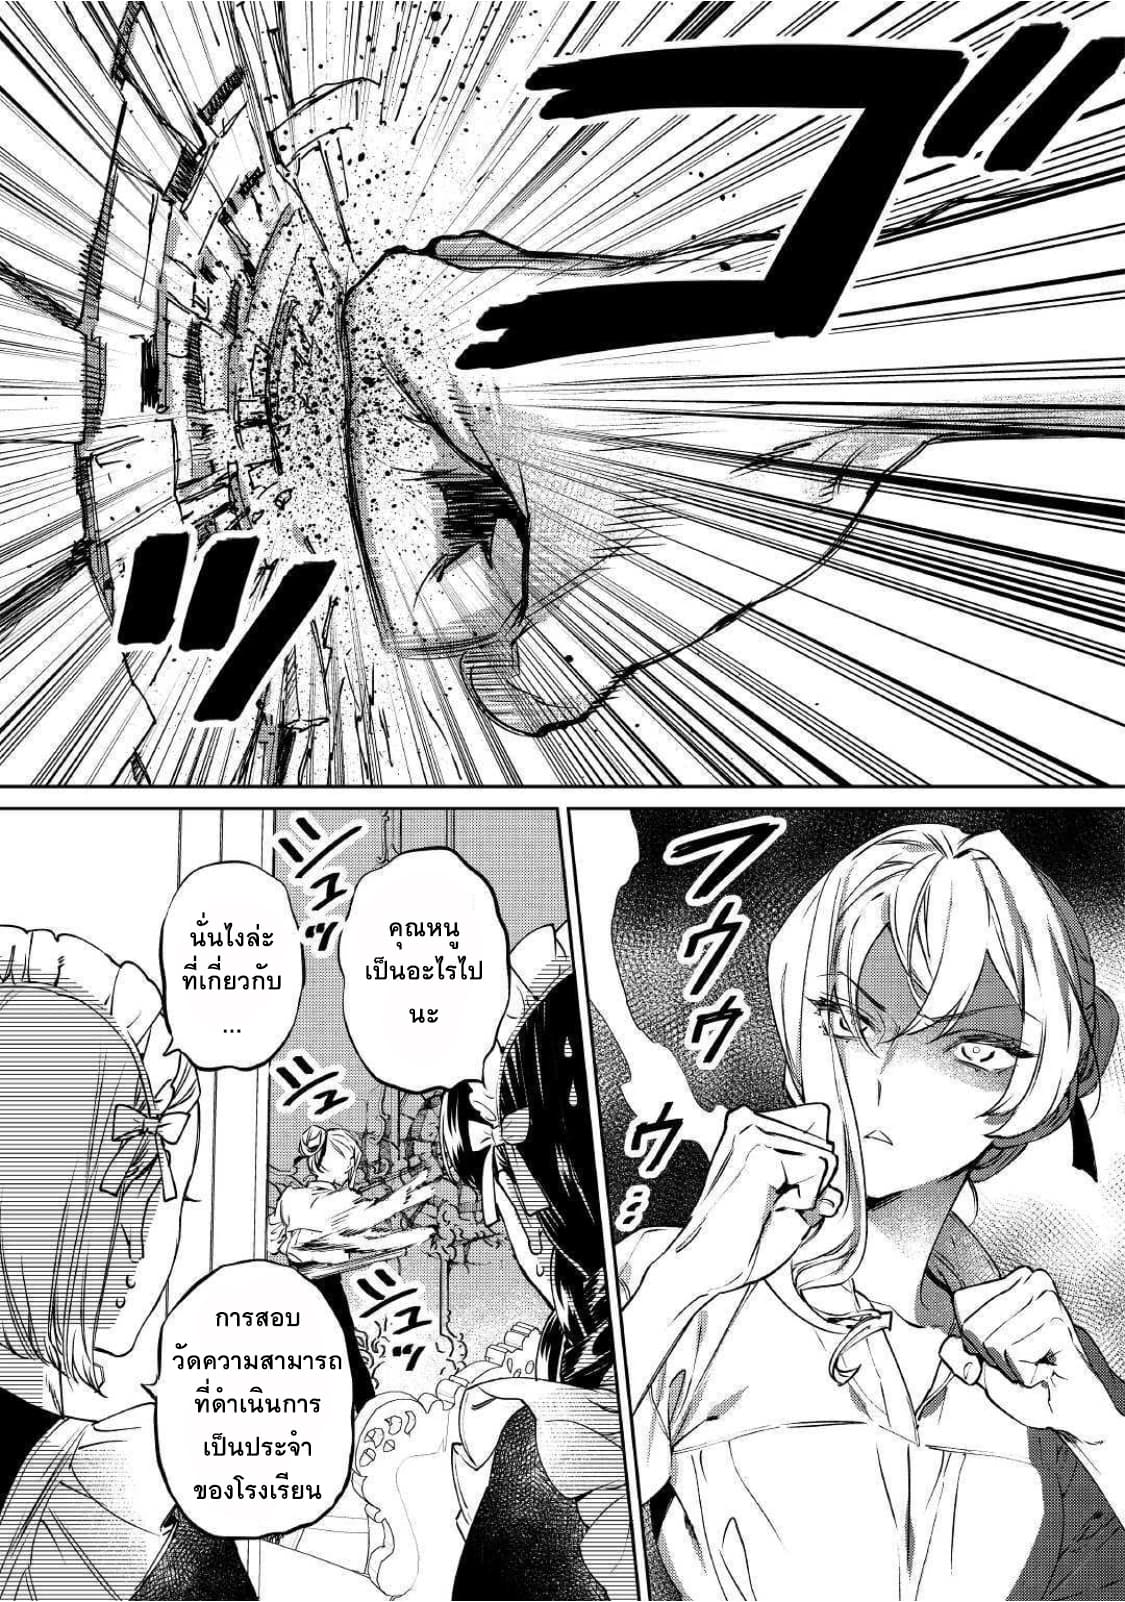 อ่านการ์ตูน Saigo ni Hitotsu Dake Onengai Shitemo Yoroshii Deshouka ตอนที่ 3 หน้าที่ 9